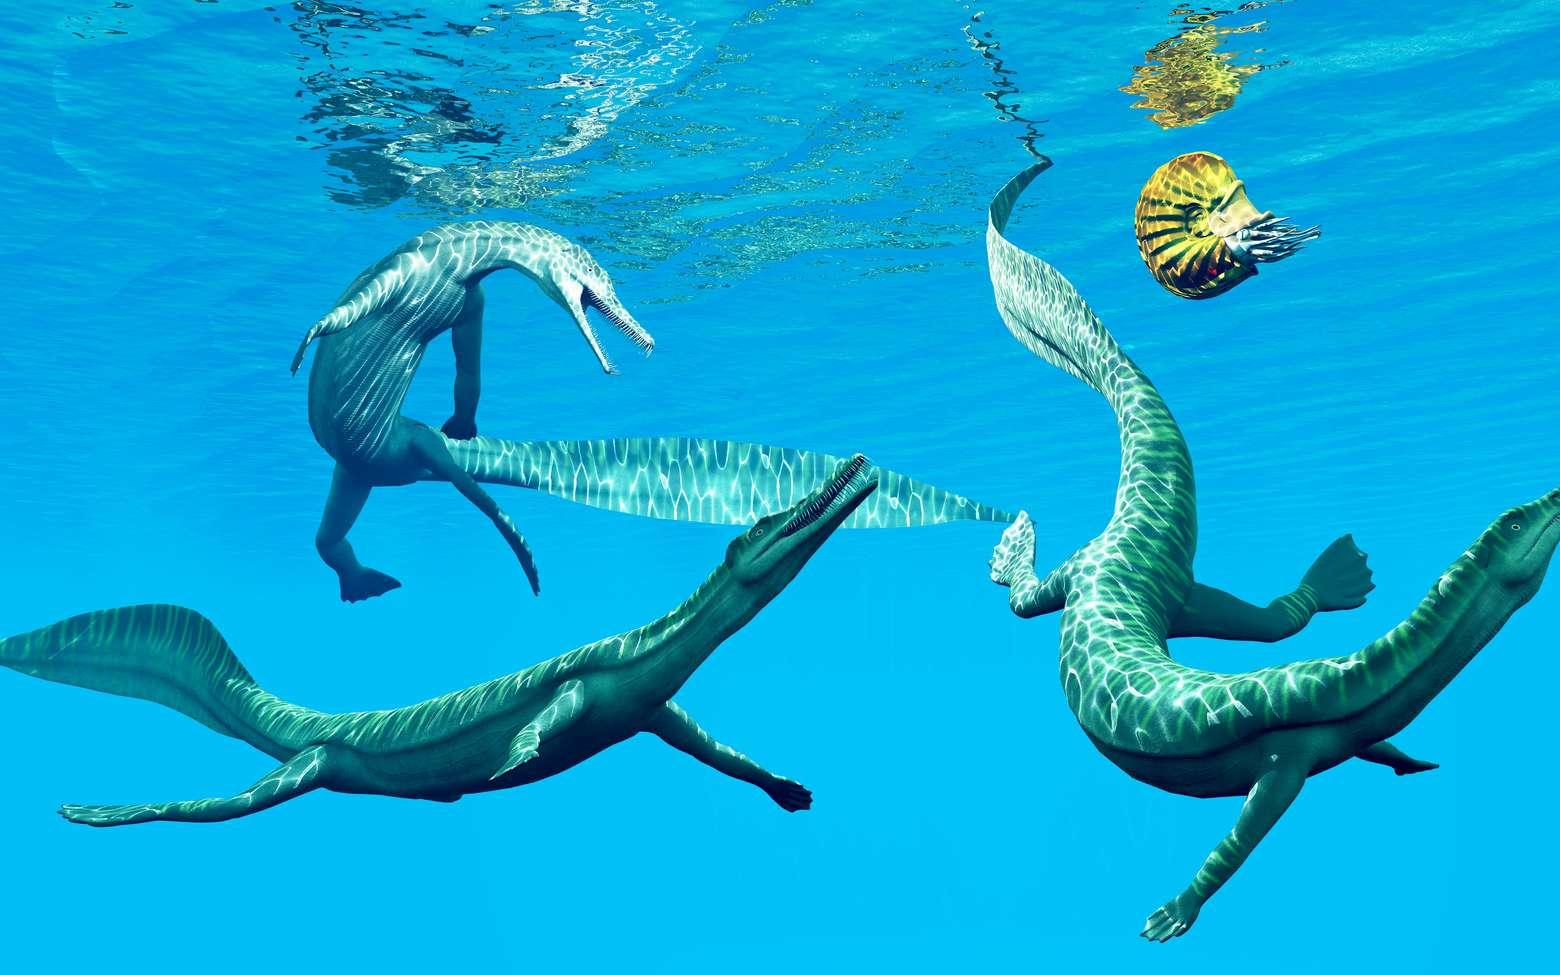 Des mésosaures au Permien, des reptiles marins avec une ammonite. © Catmando, Fotolia